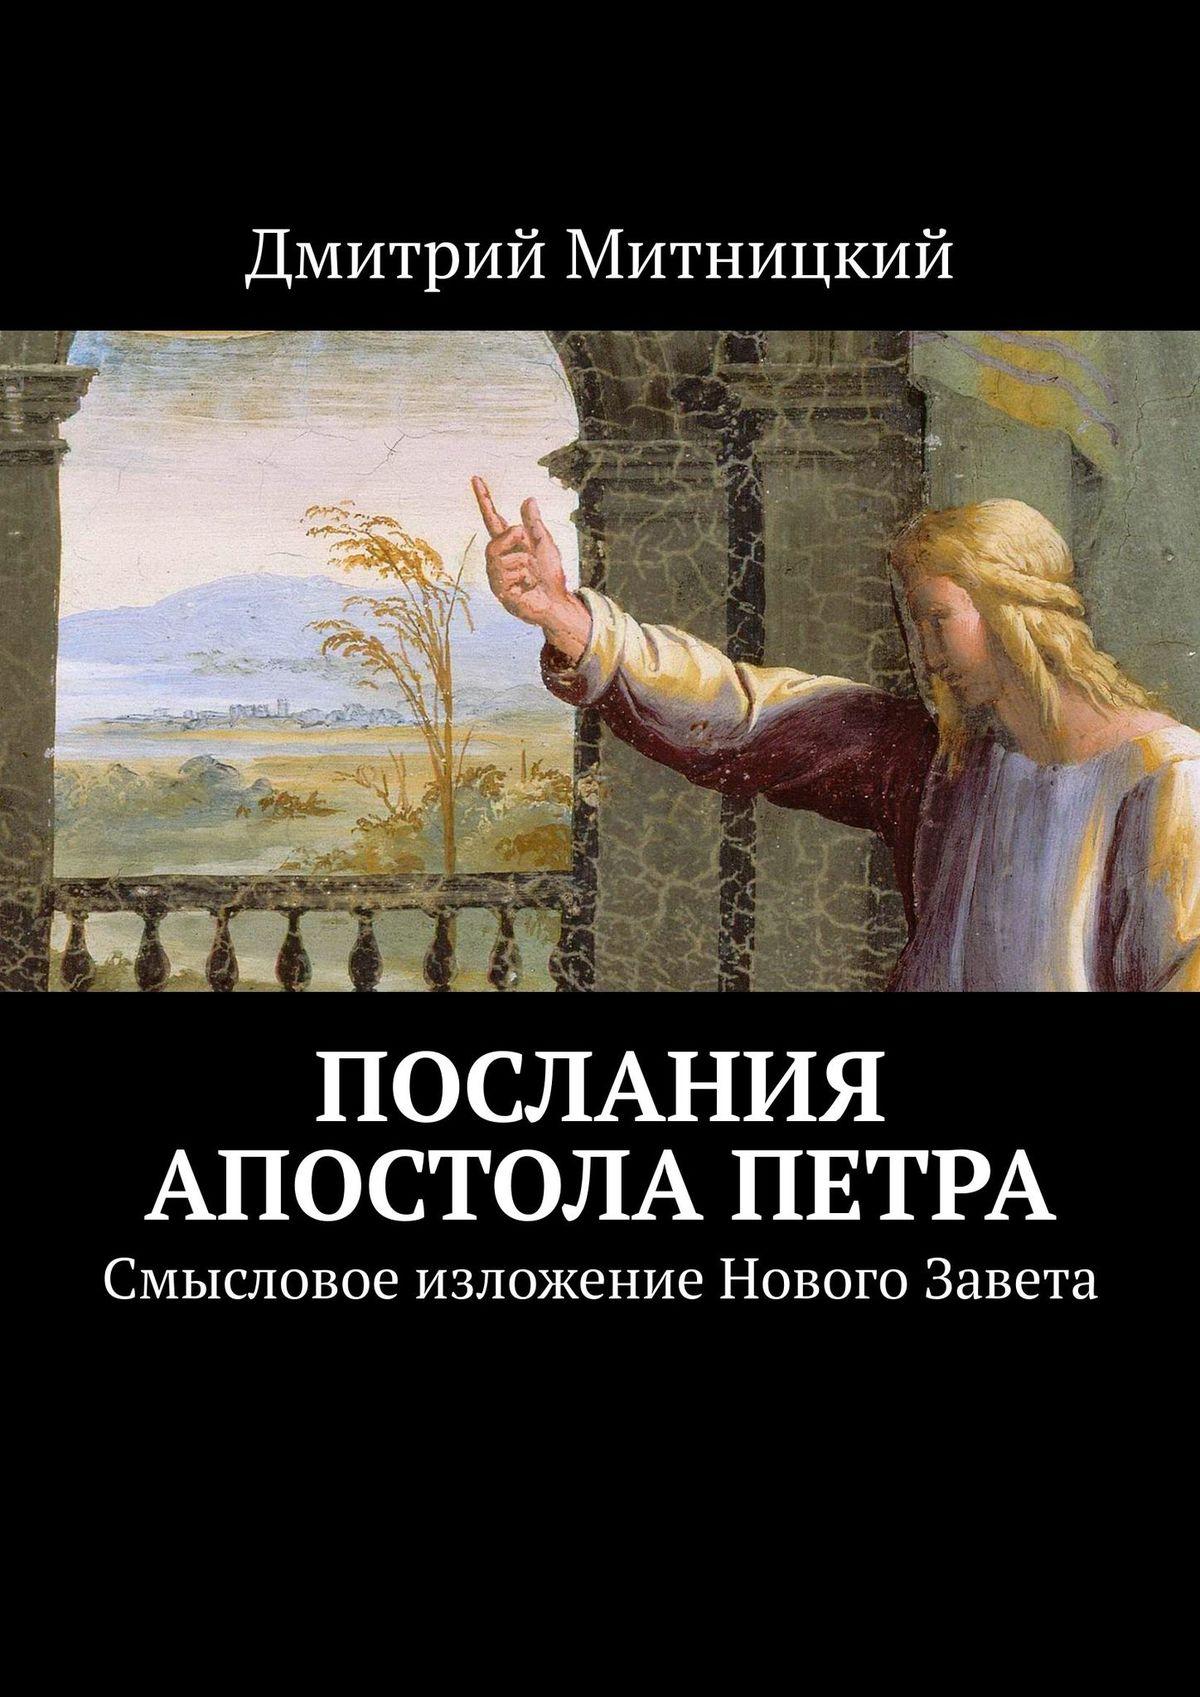 Дмитрий Митницкий Послания апостола Петра. Смысловое изложение Нового Завета